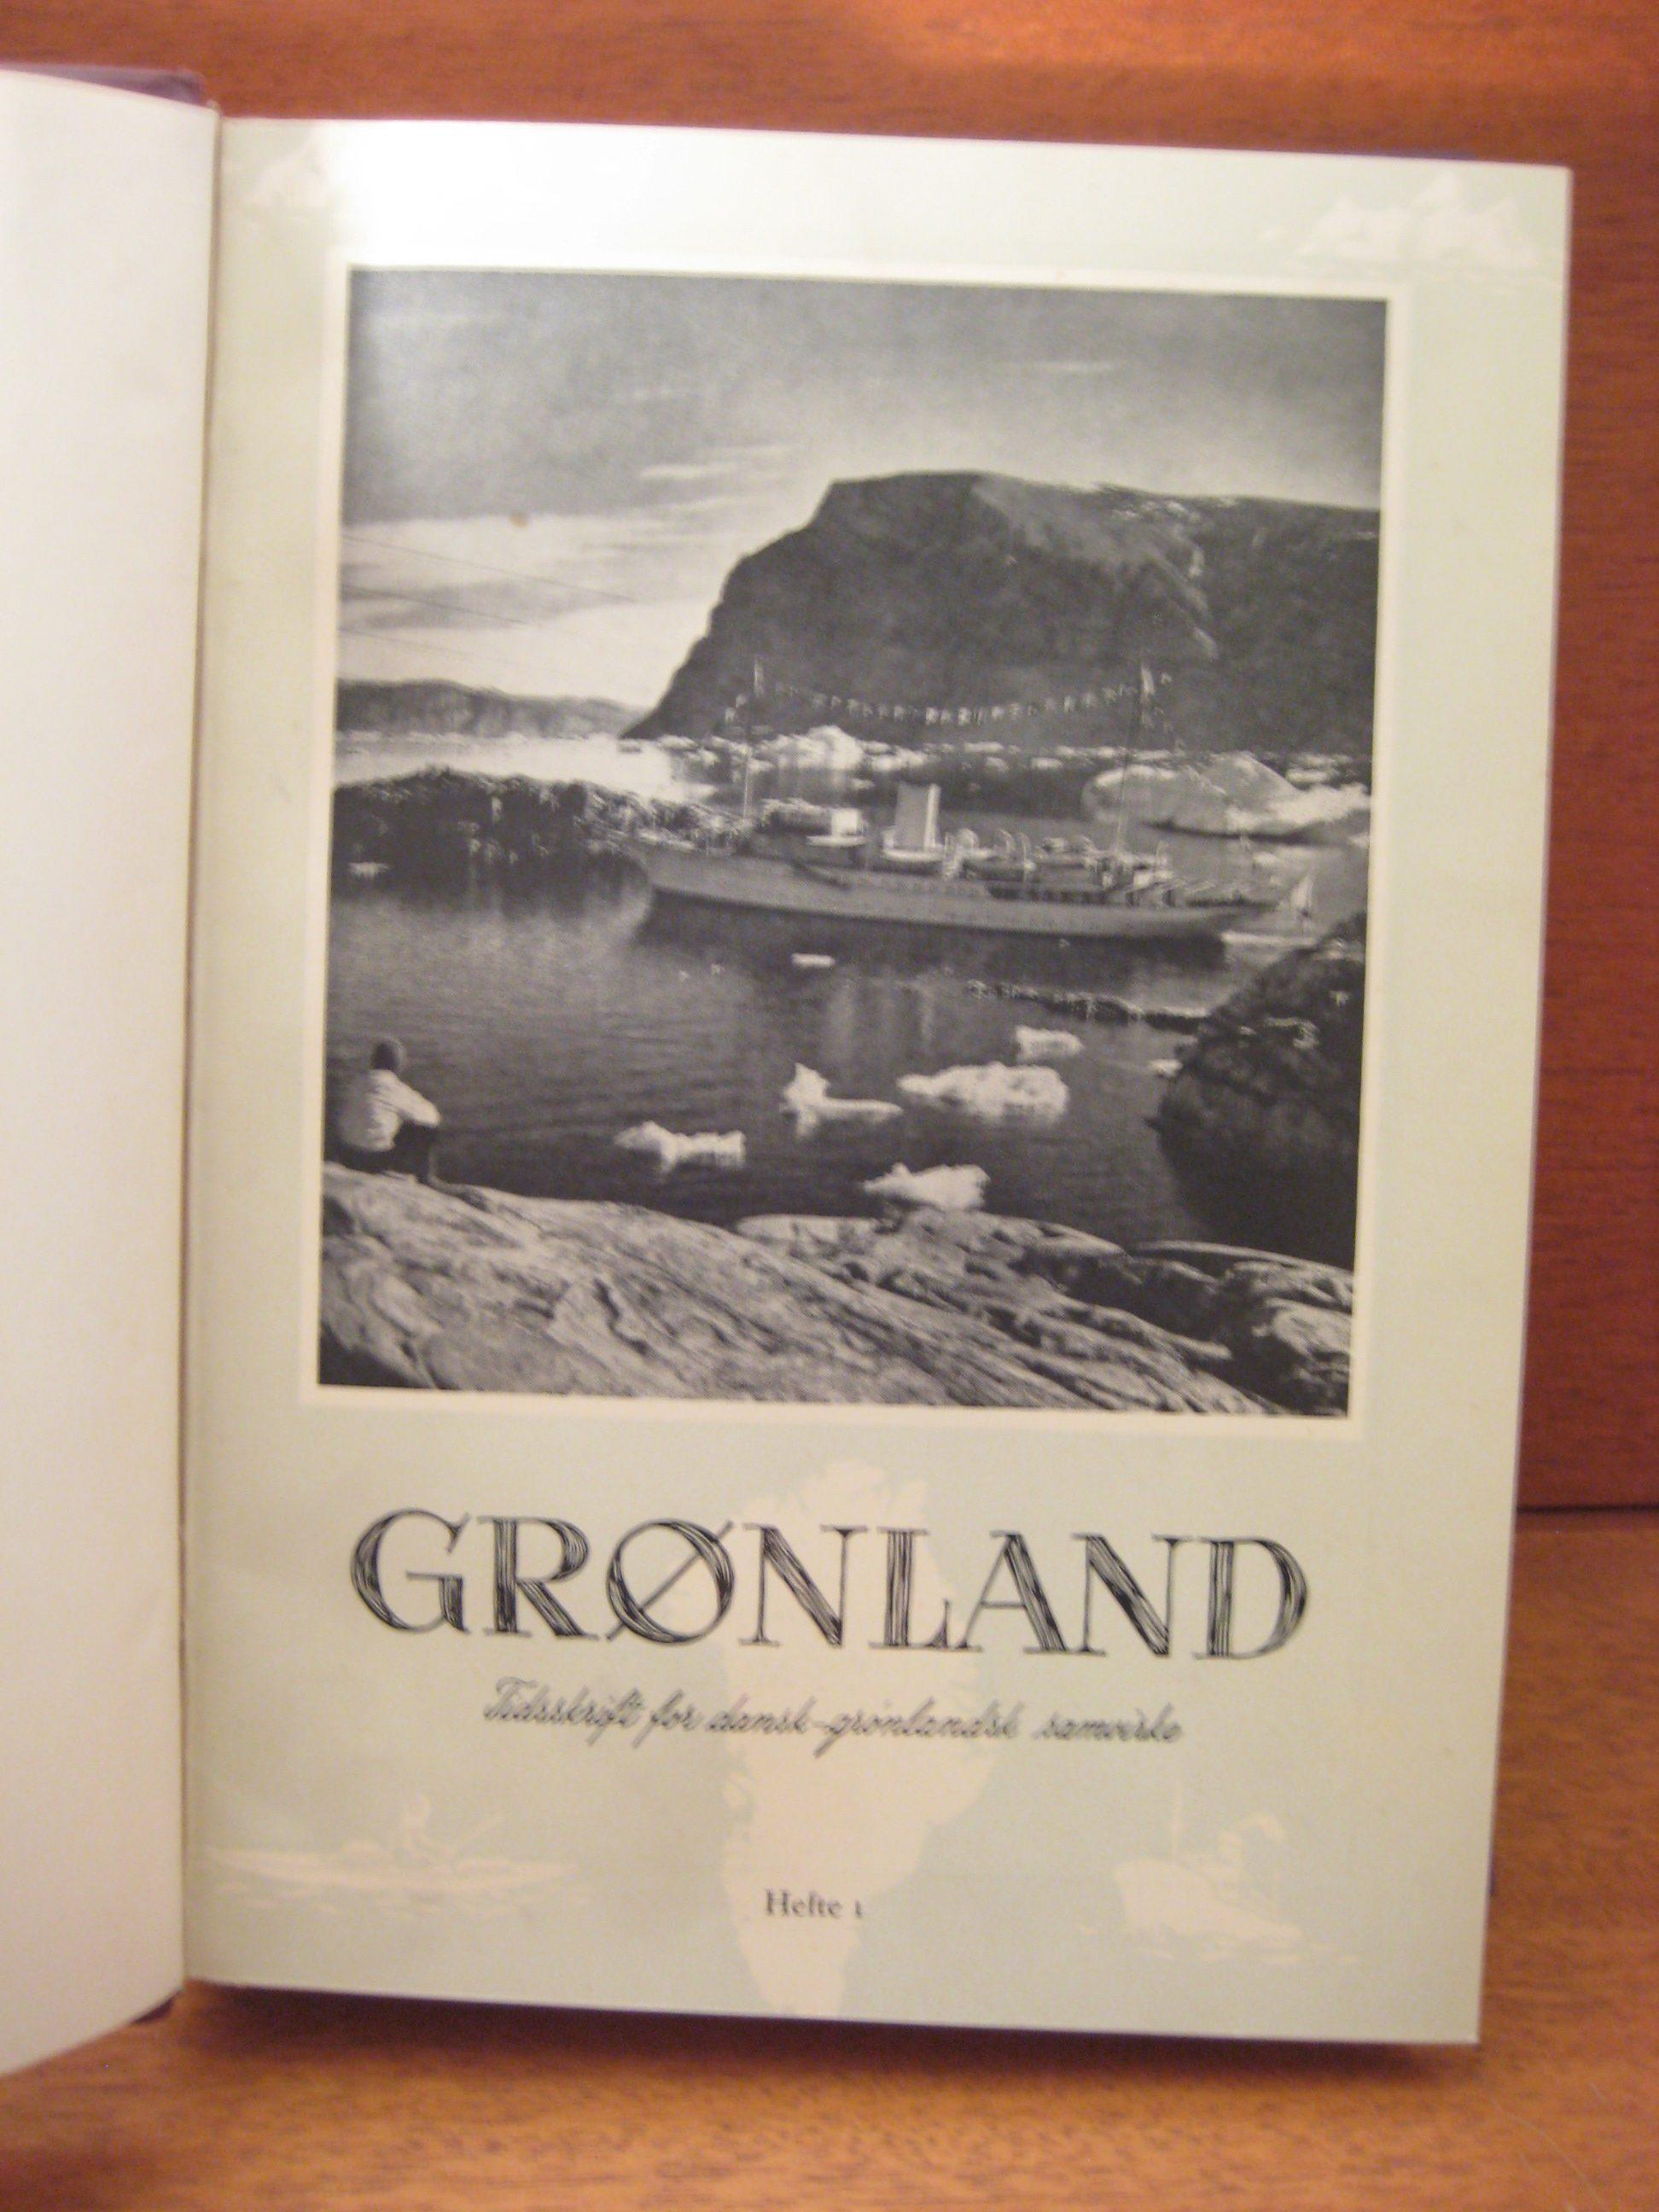 Grønland (1953)